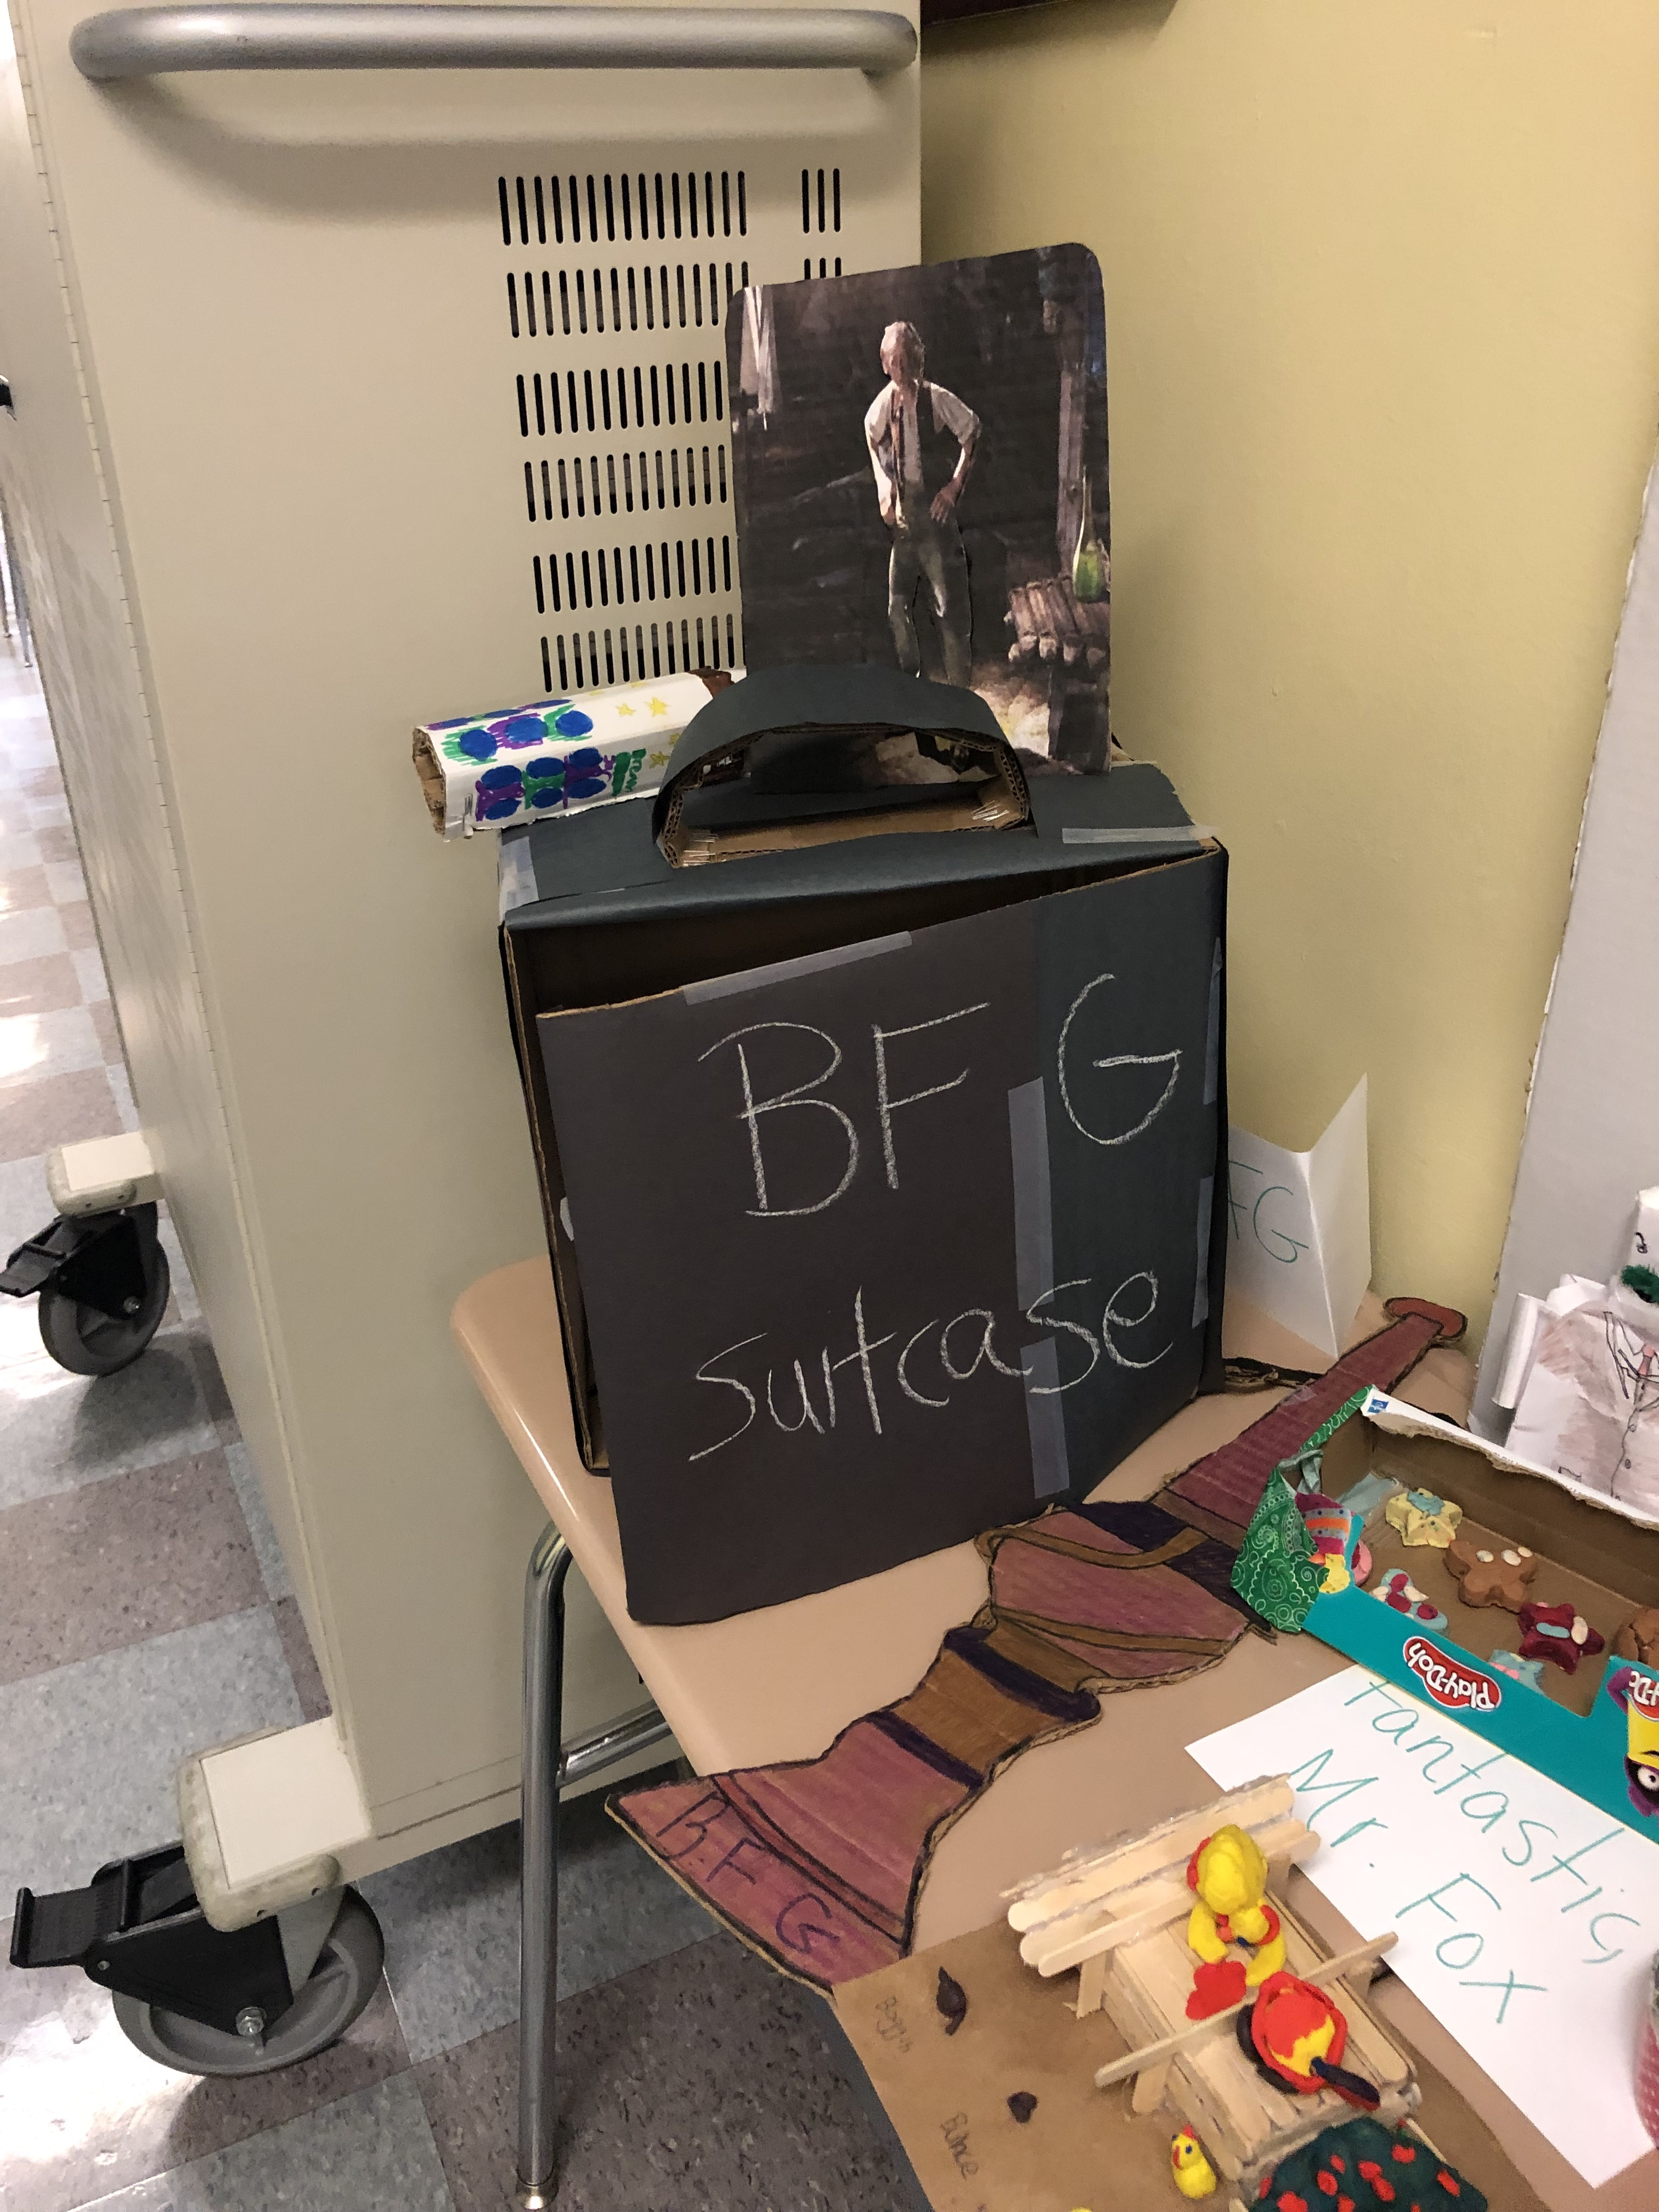 BFG artwork by studnets